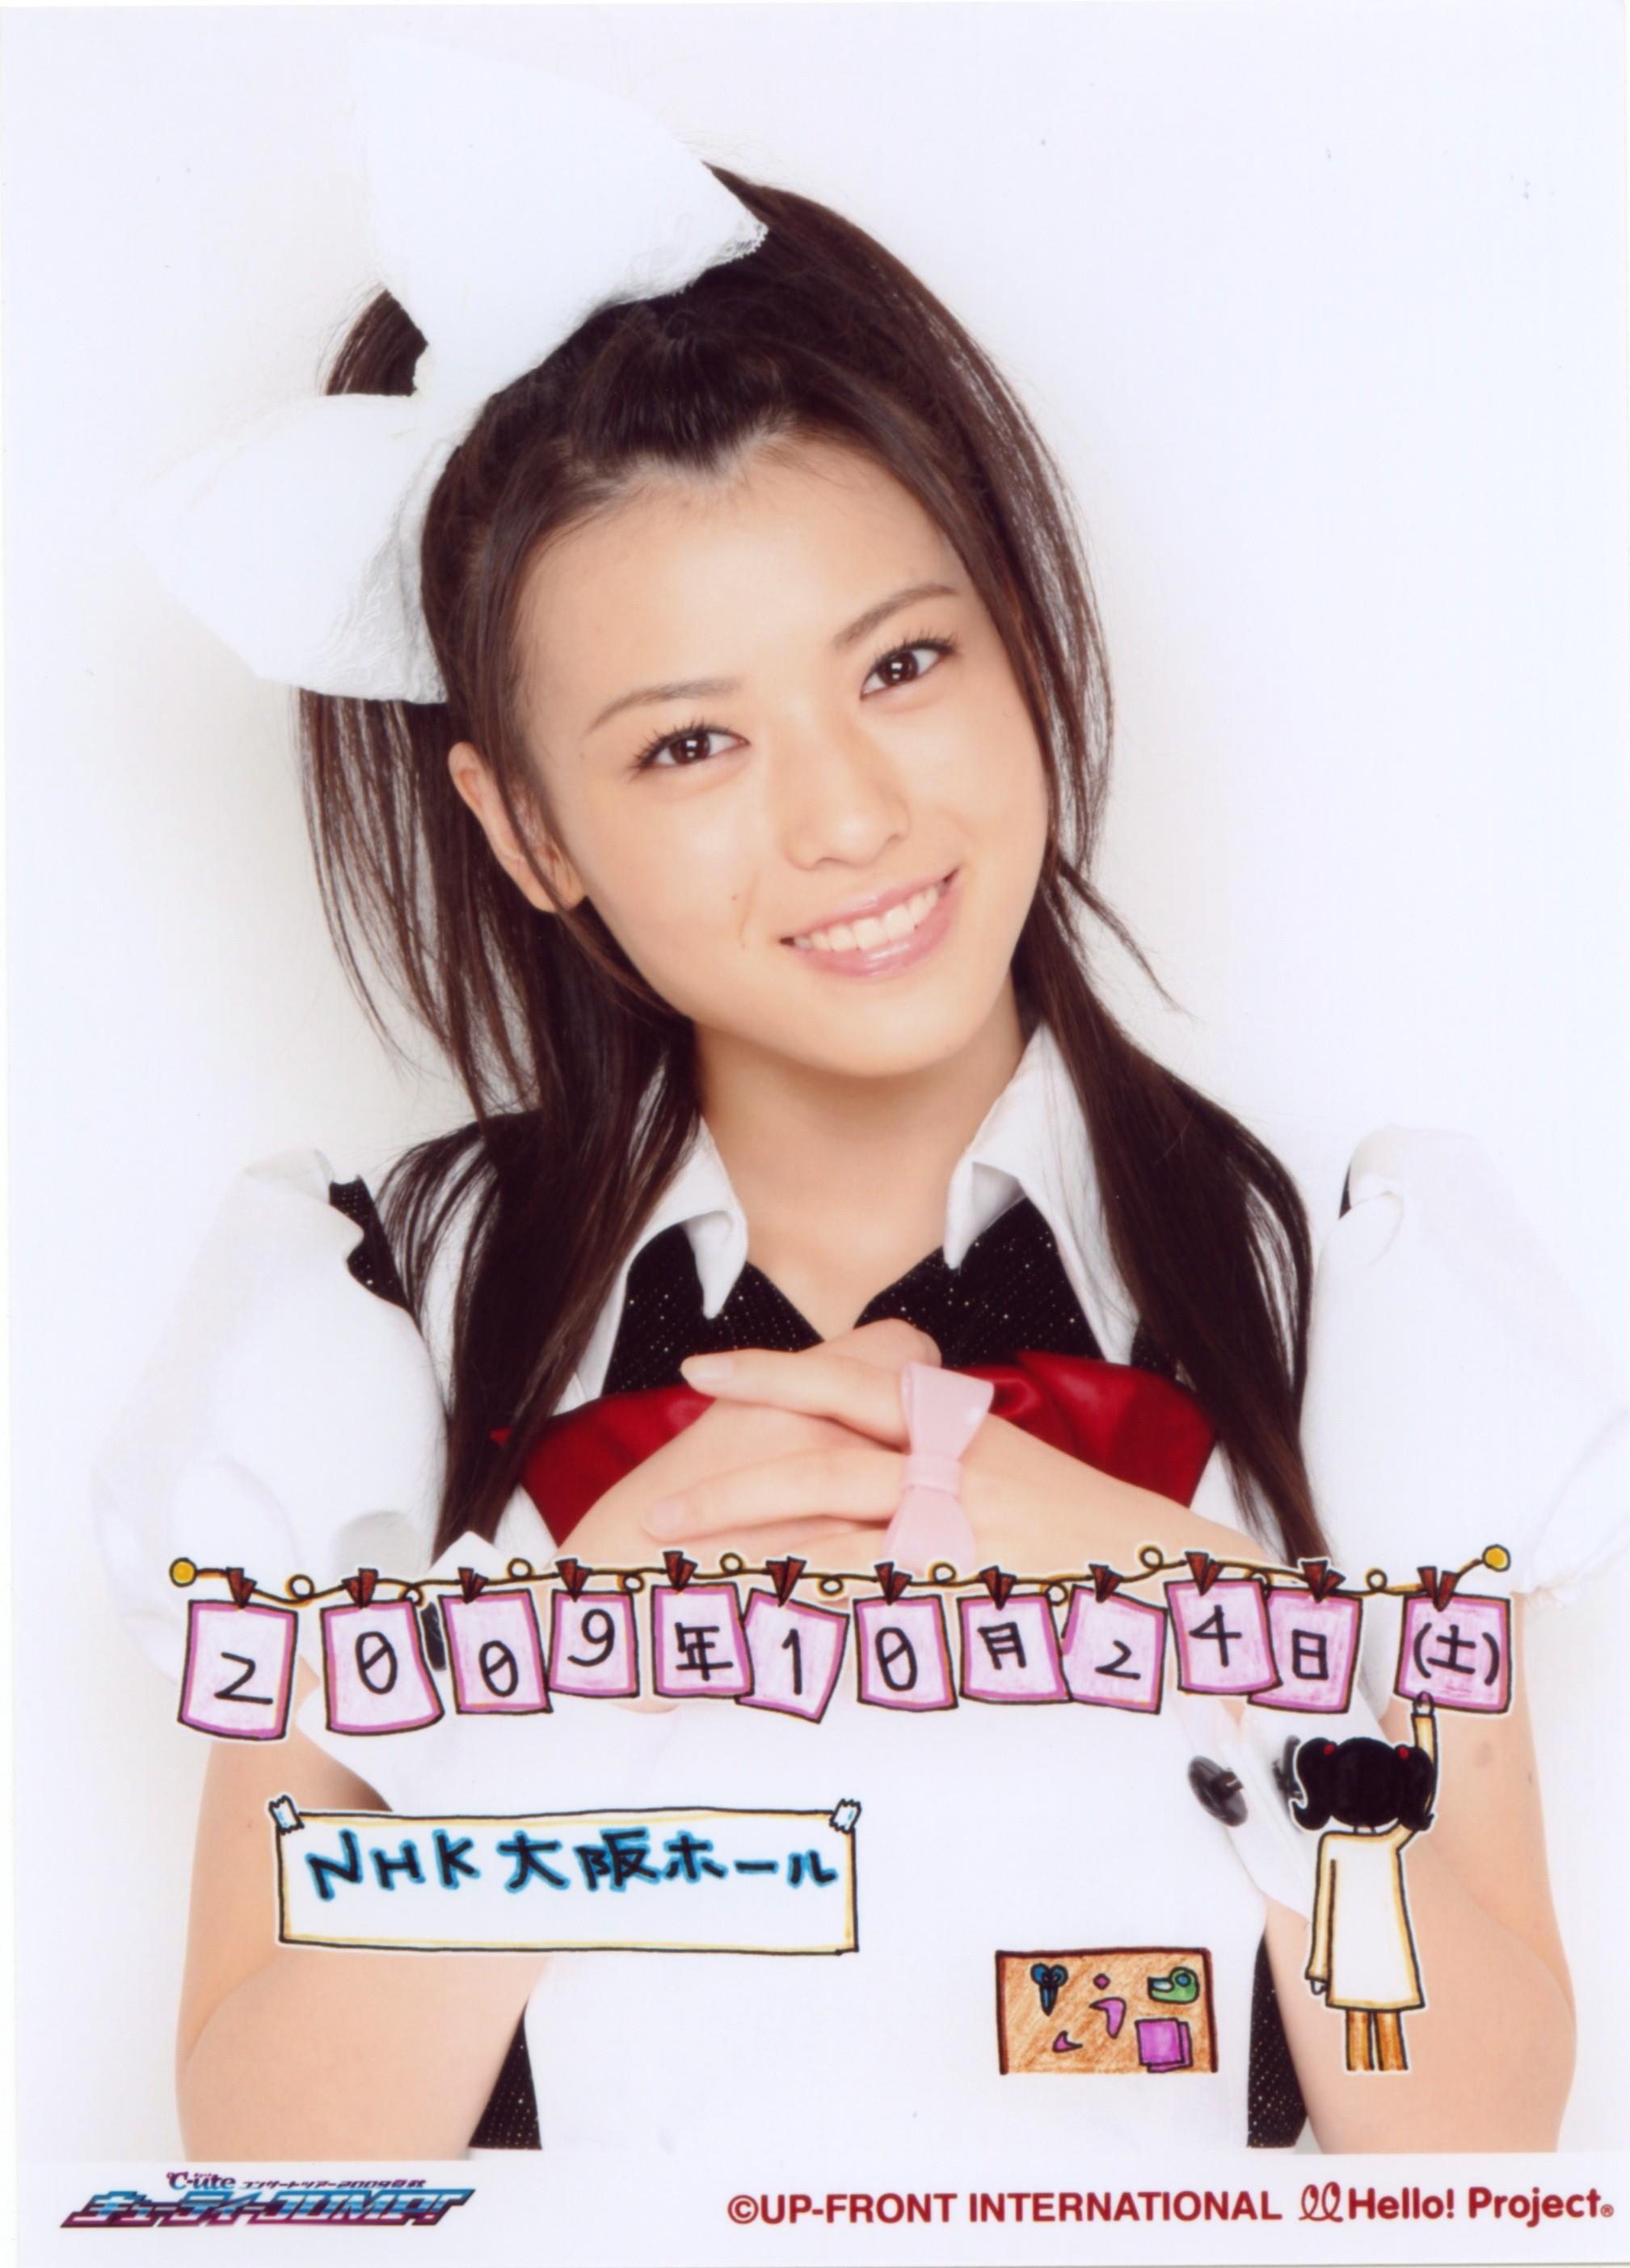 日替わり2L判生写真 10月24日 NHK大阪ホール 矢島舞美ちゃん